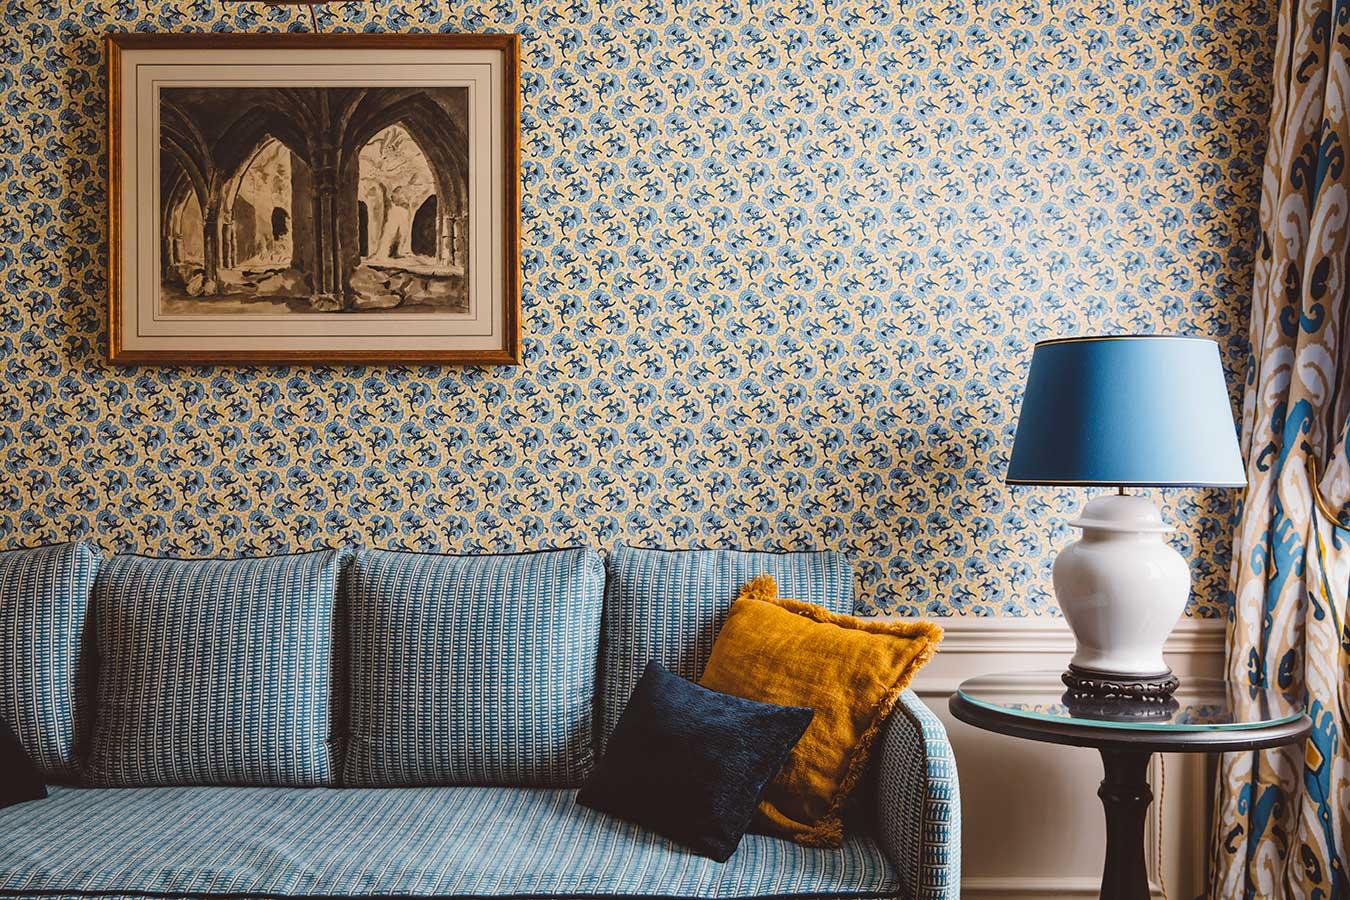 Appartement Terrasse - Grand canapé bleu, coussins, table et lampe, papier-peint fleuri dans une harmonie de bleu et jaune